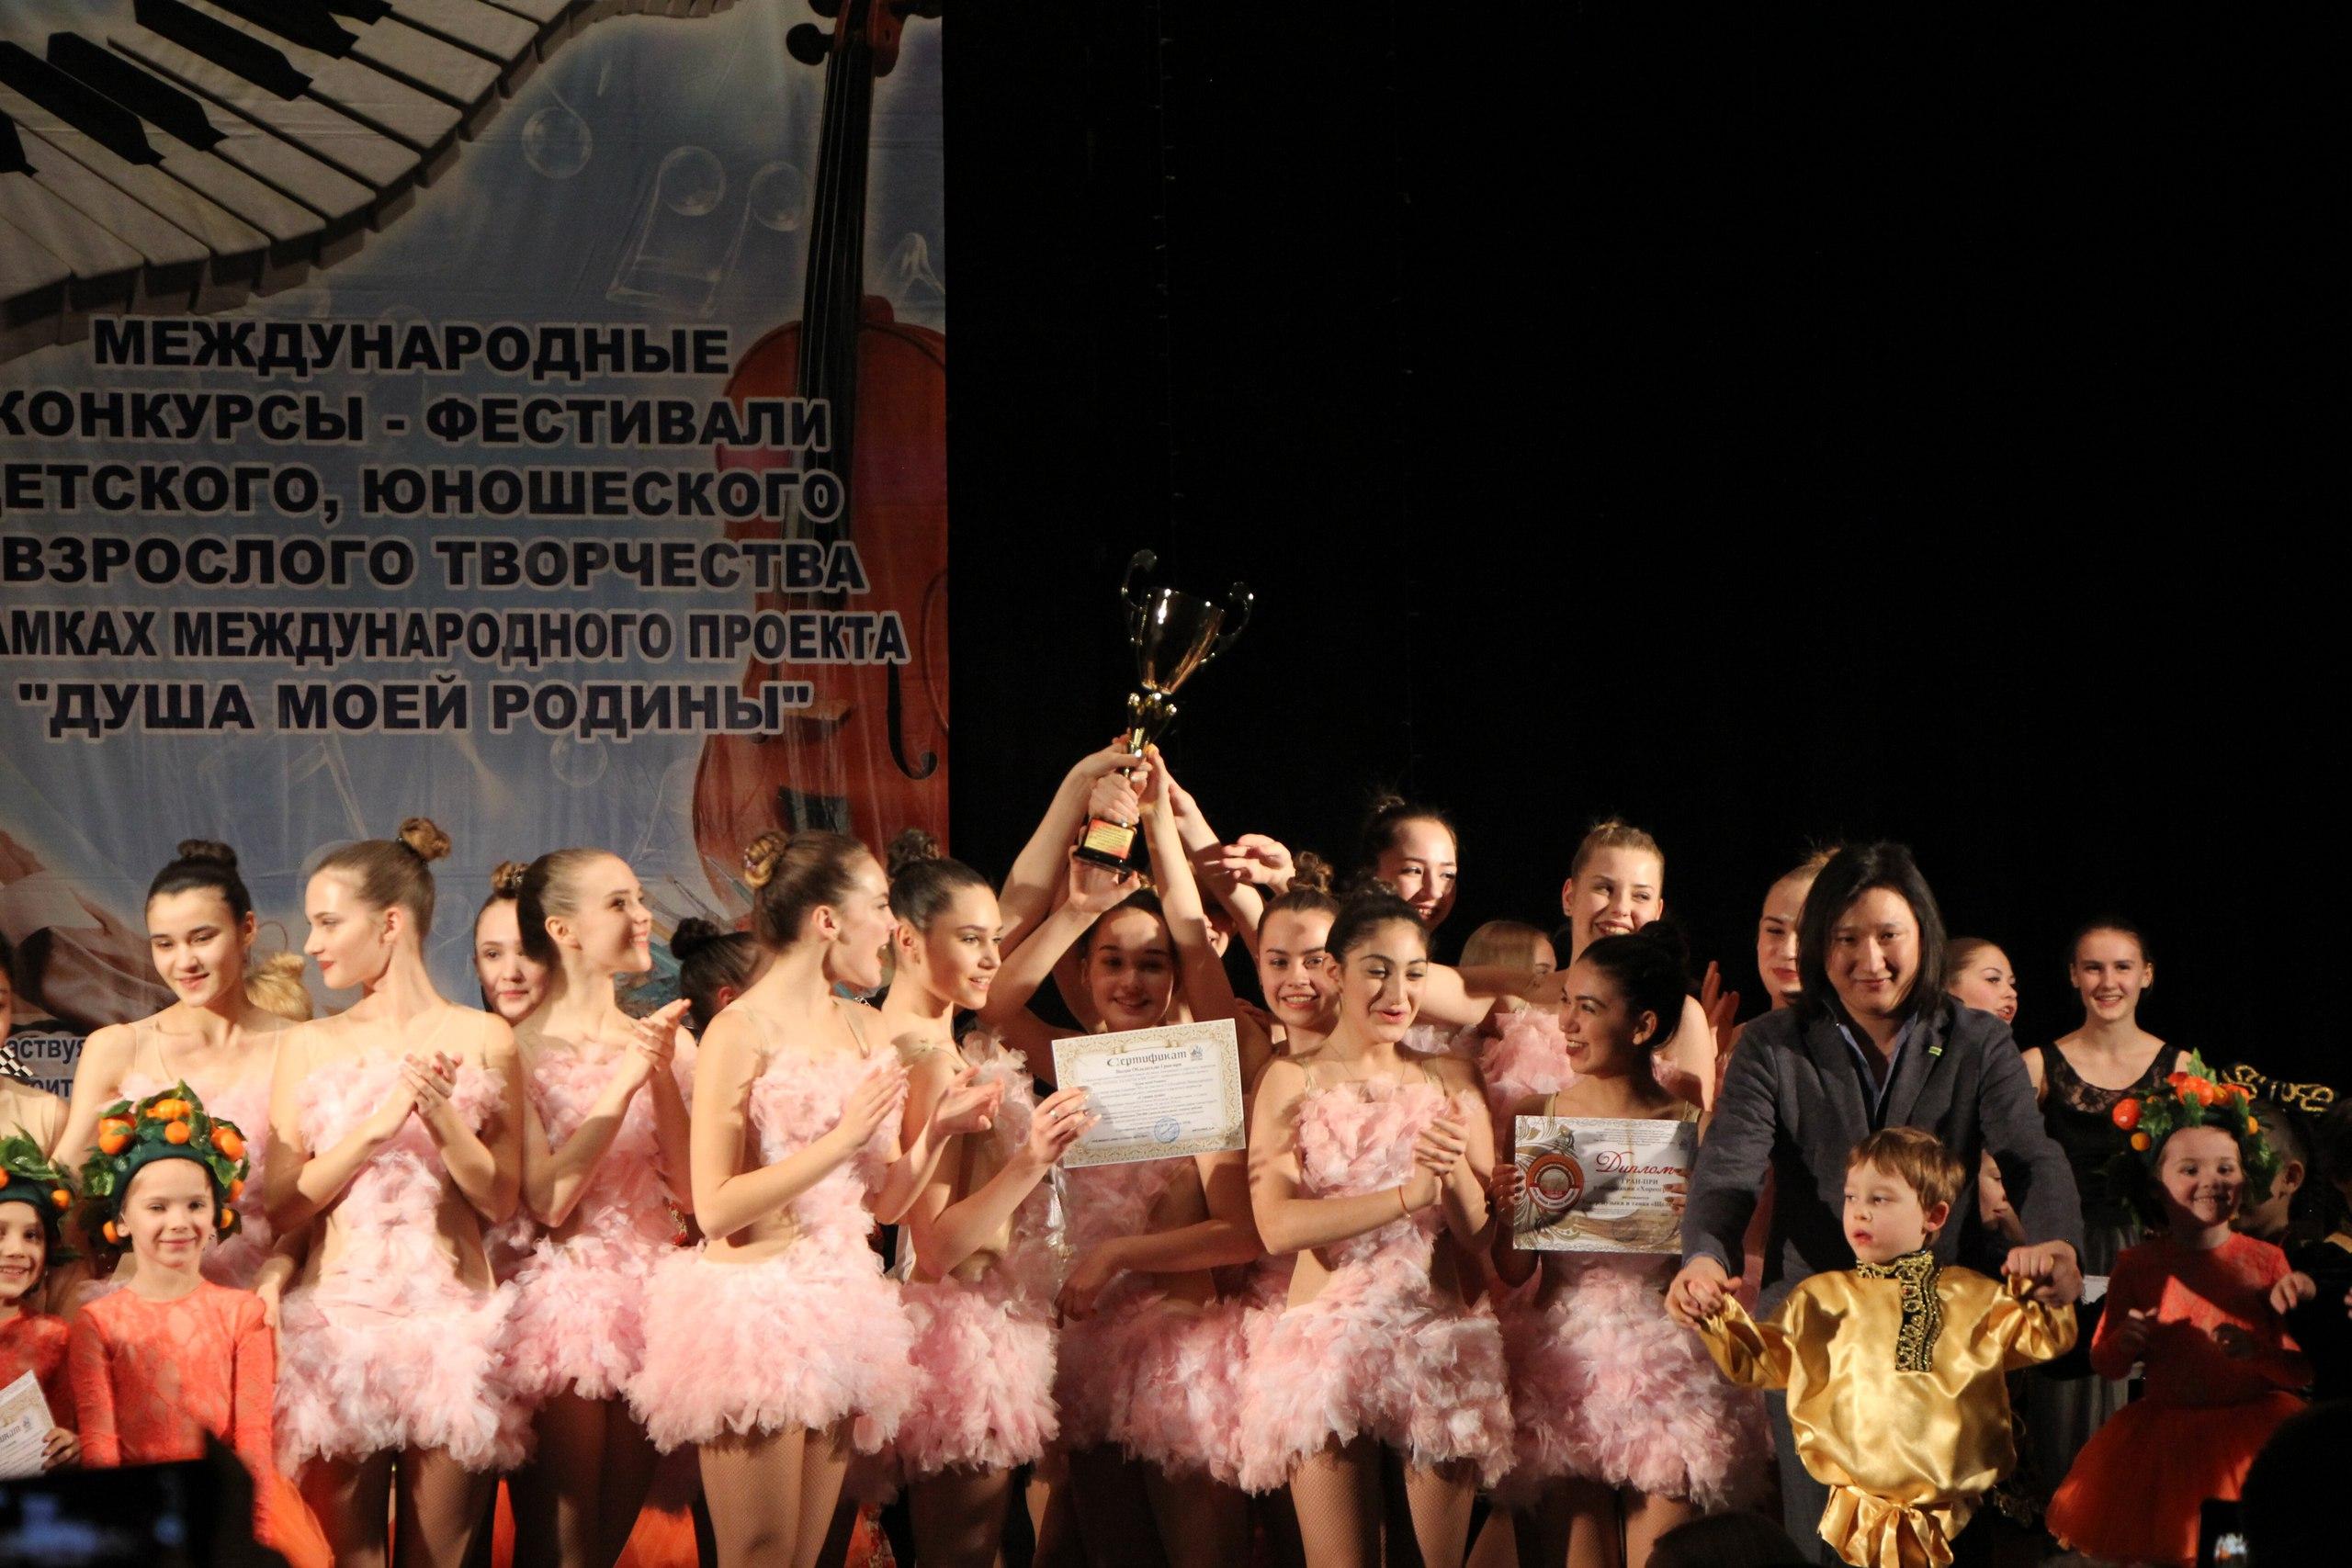 Набирает обороты уже ставший ежегодным II Международный конкурс-фестиваль детского, юношеского и взрослого творчества